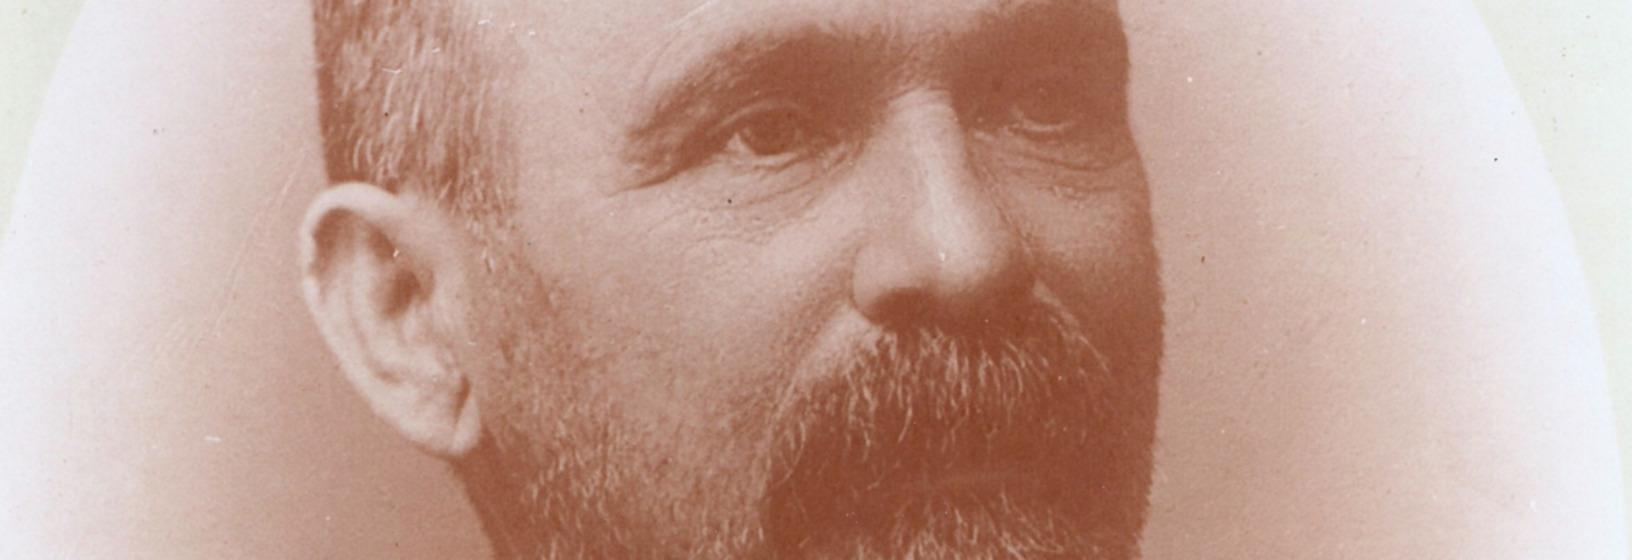 Close-up of man's face